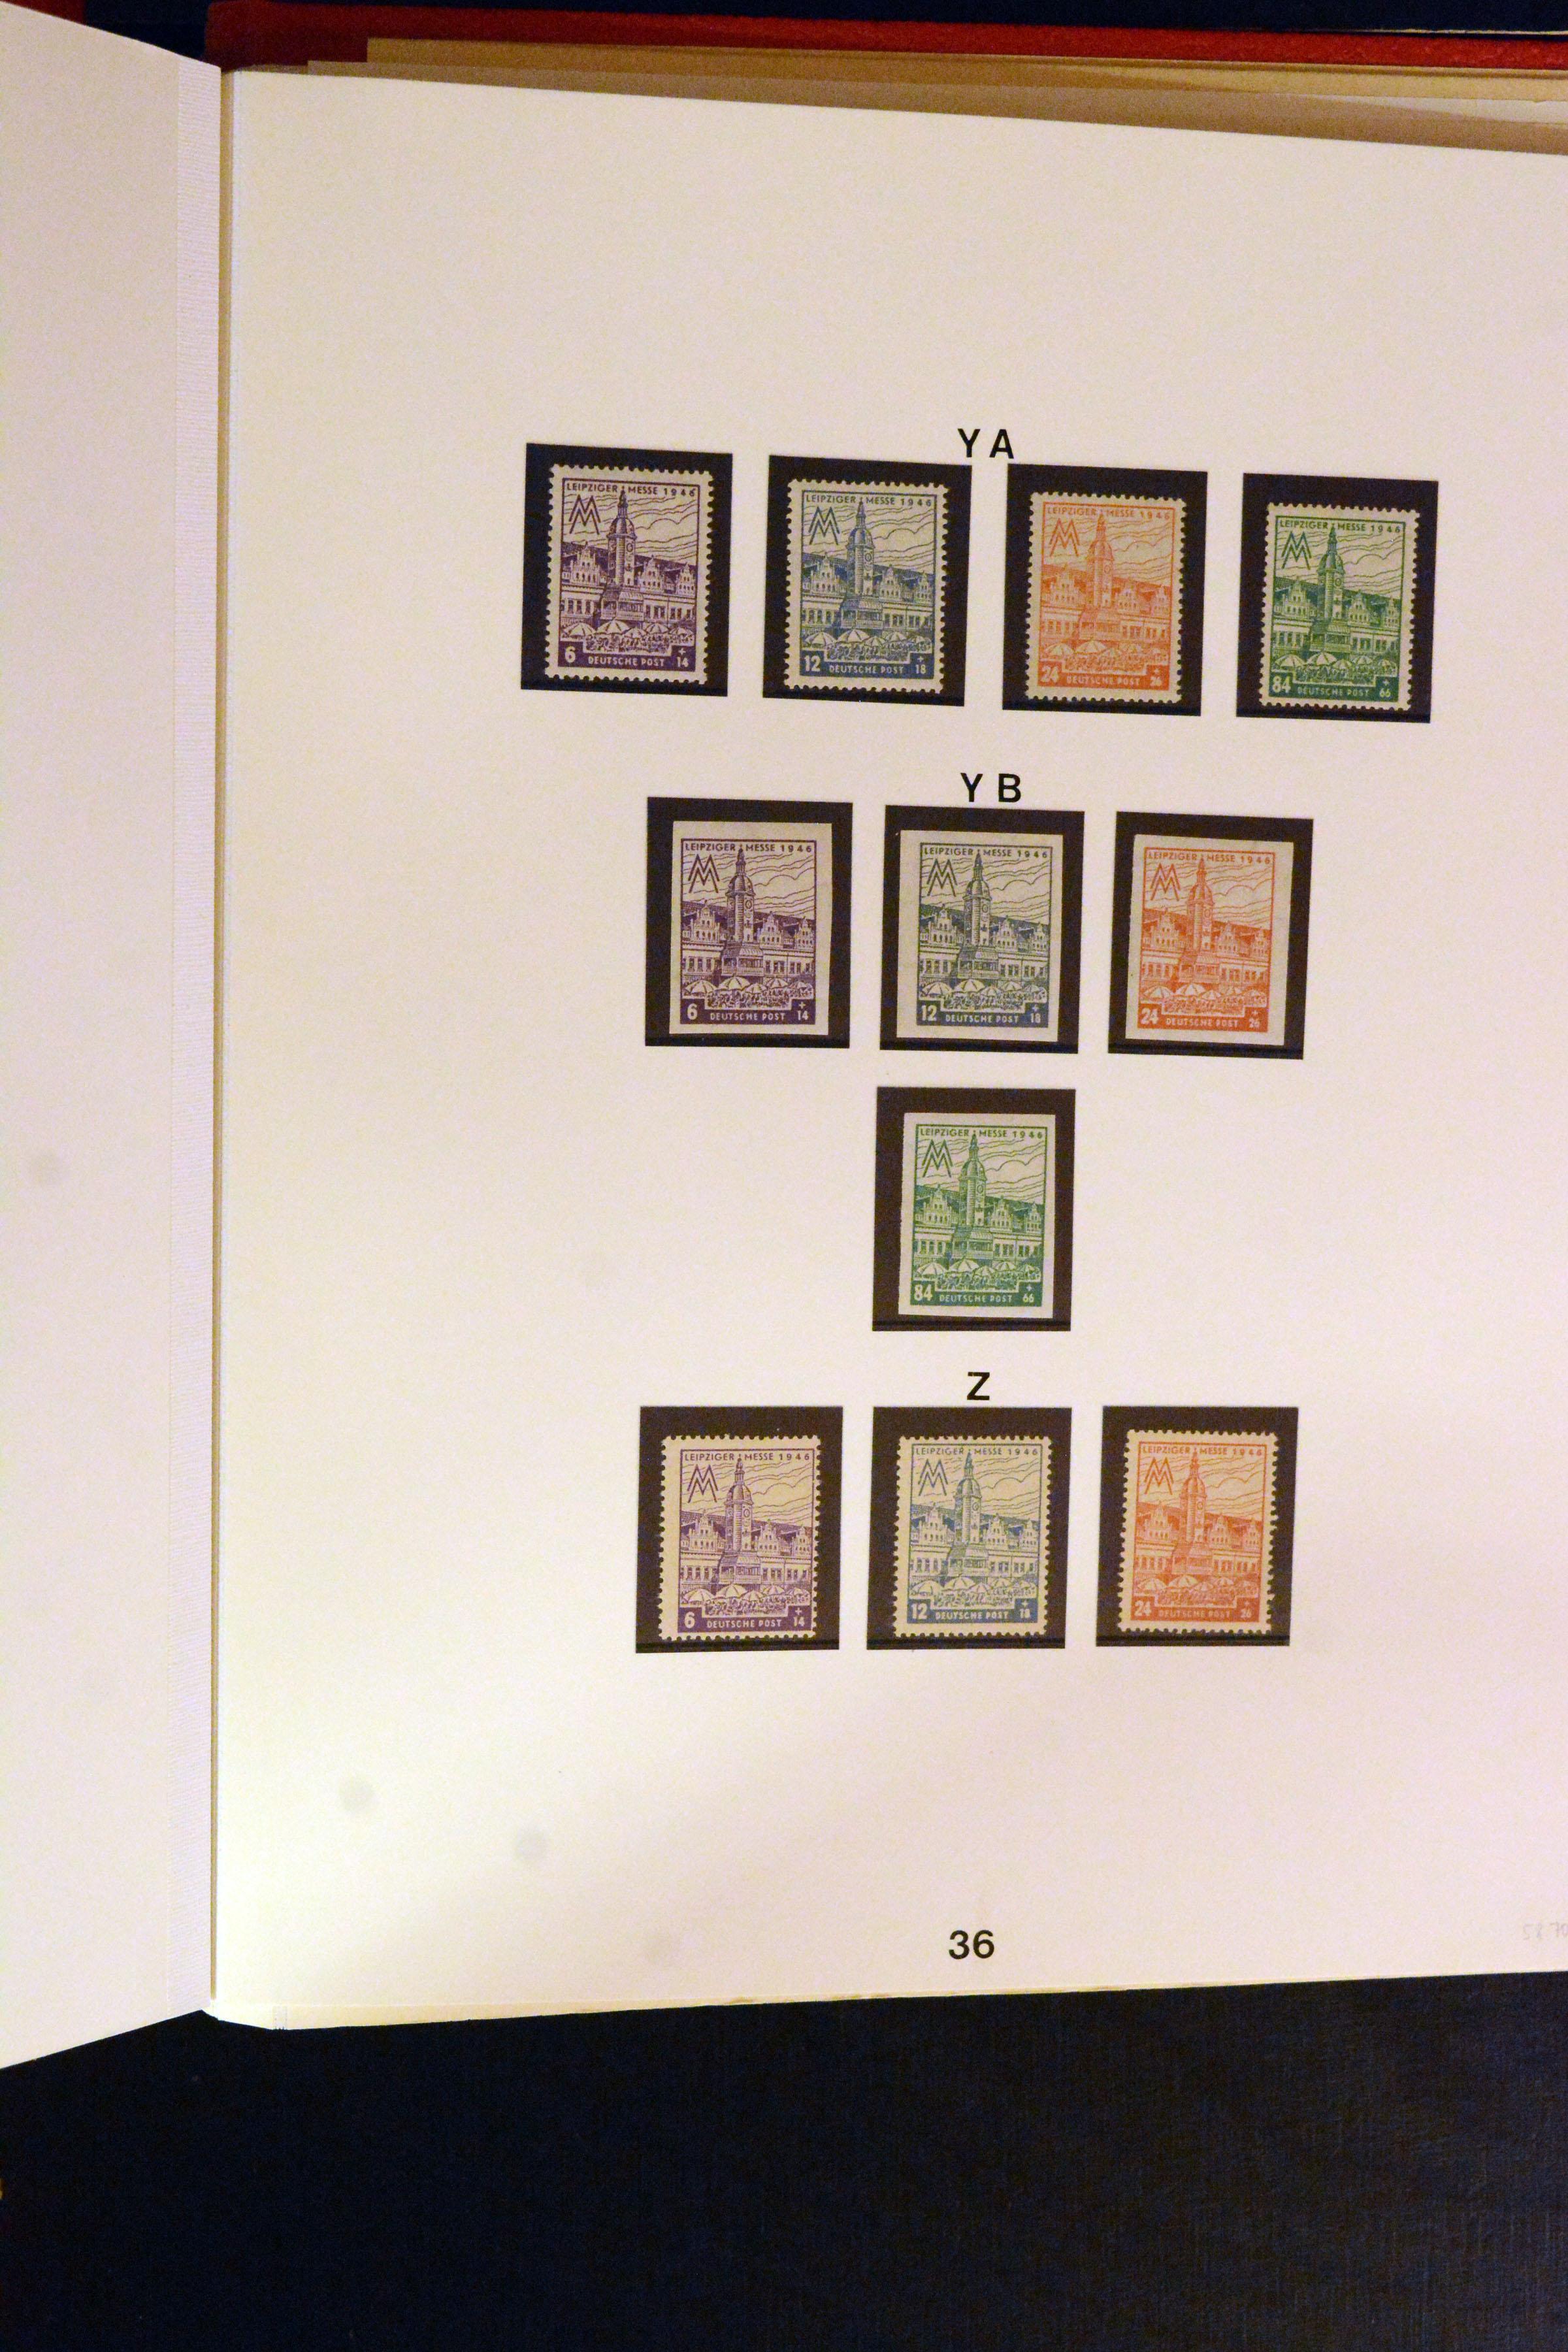 Lot 5130 - germany after 1945 sbz (soviet occupation zone) -  Heinrich Koehler Auktionen Auction #368- Day 3